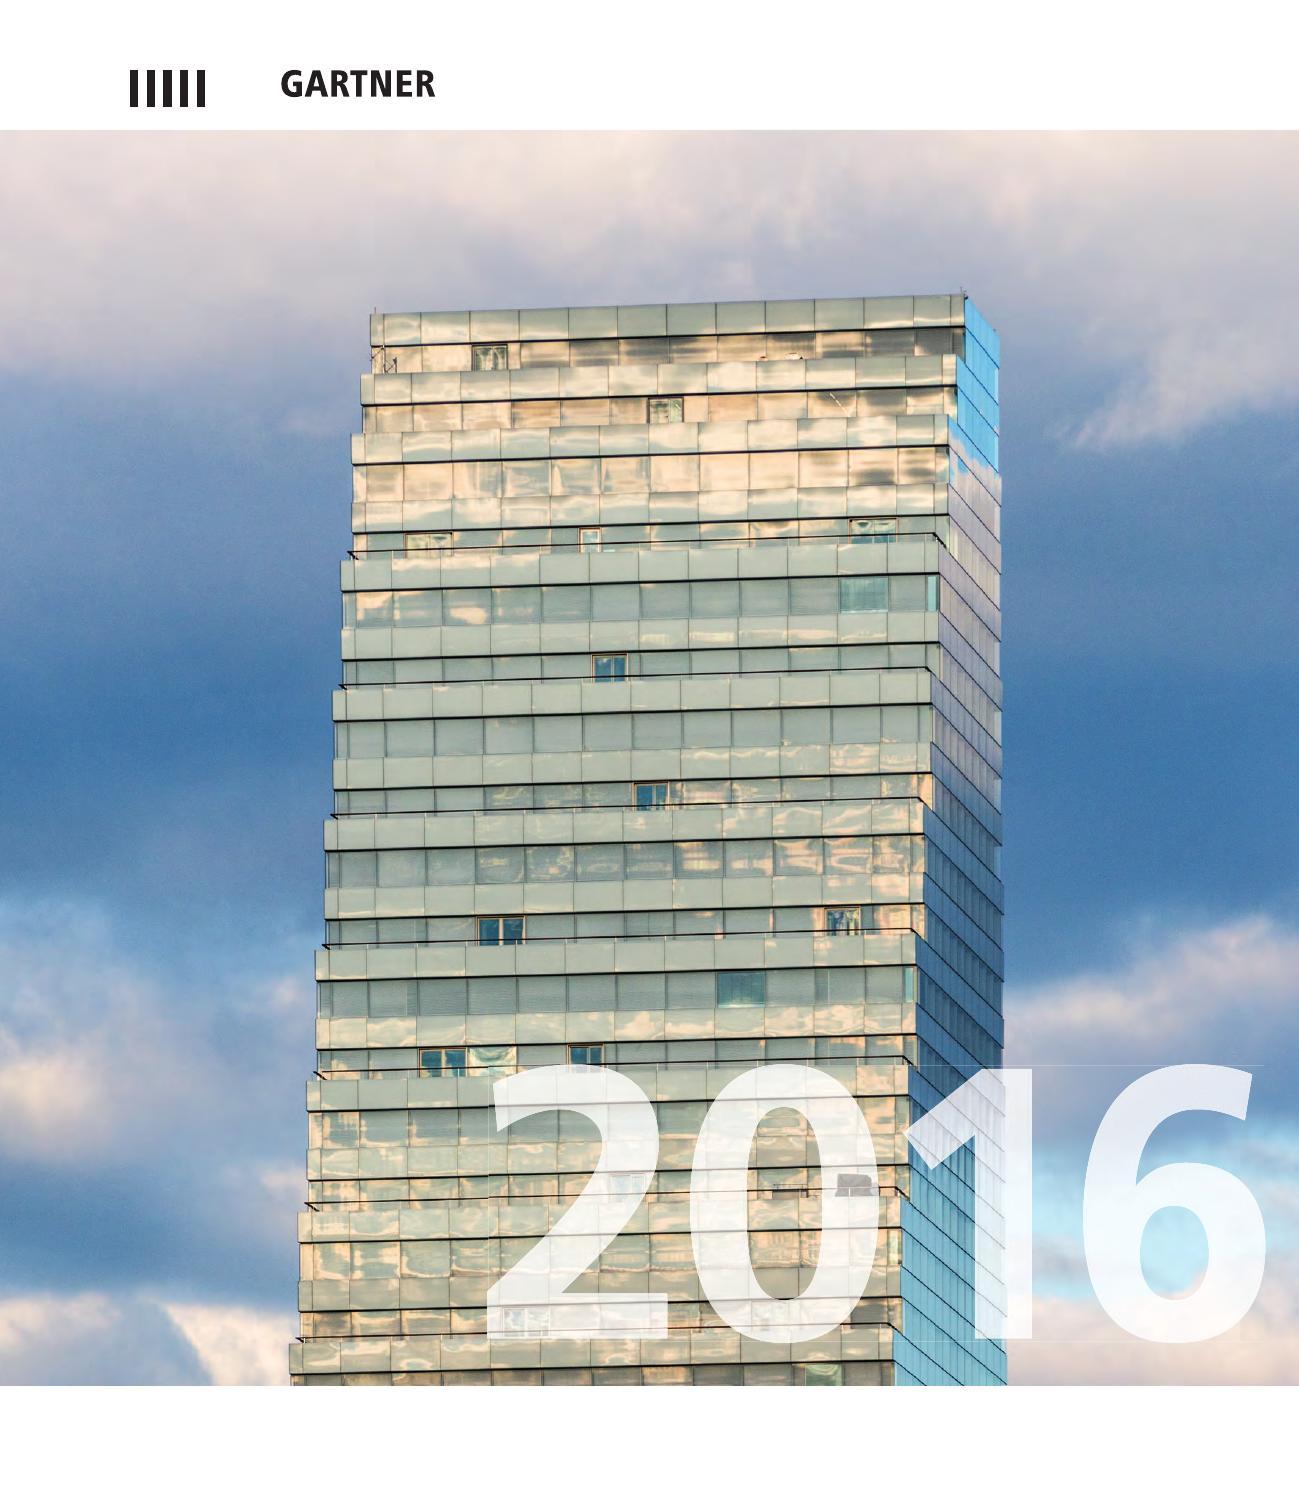 Gartner Calendar 2016 by Permasteelisa Group - issuu